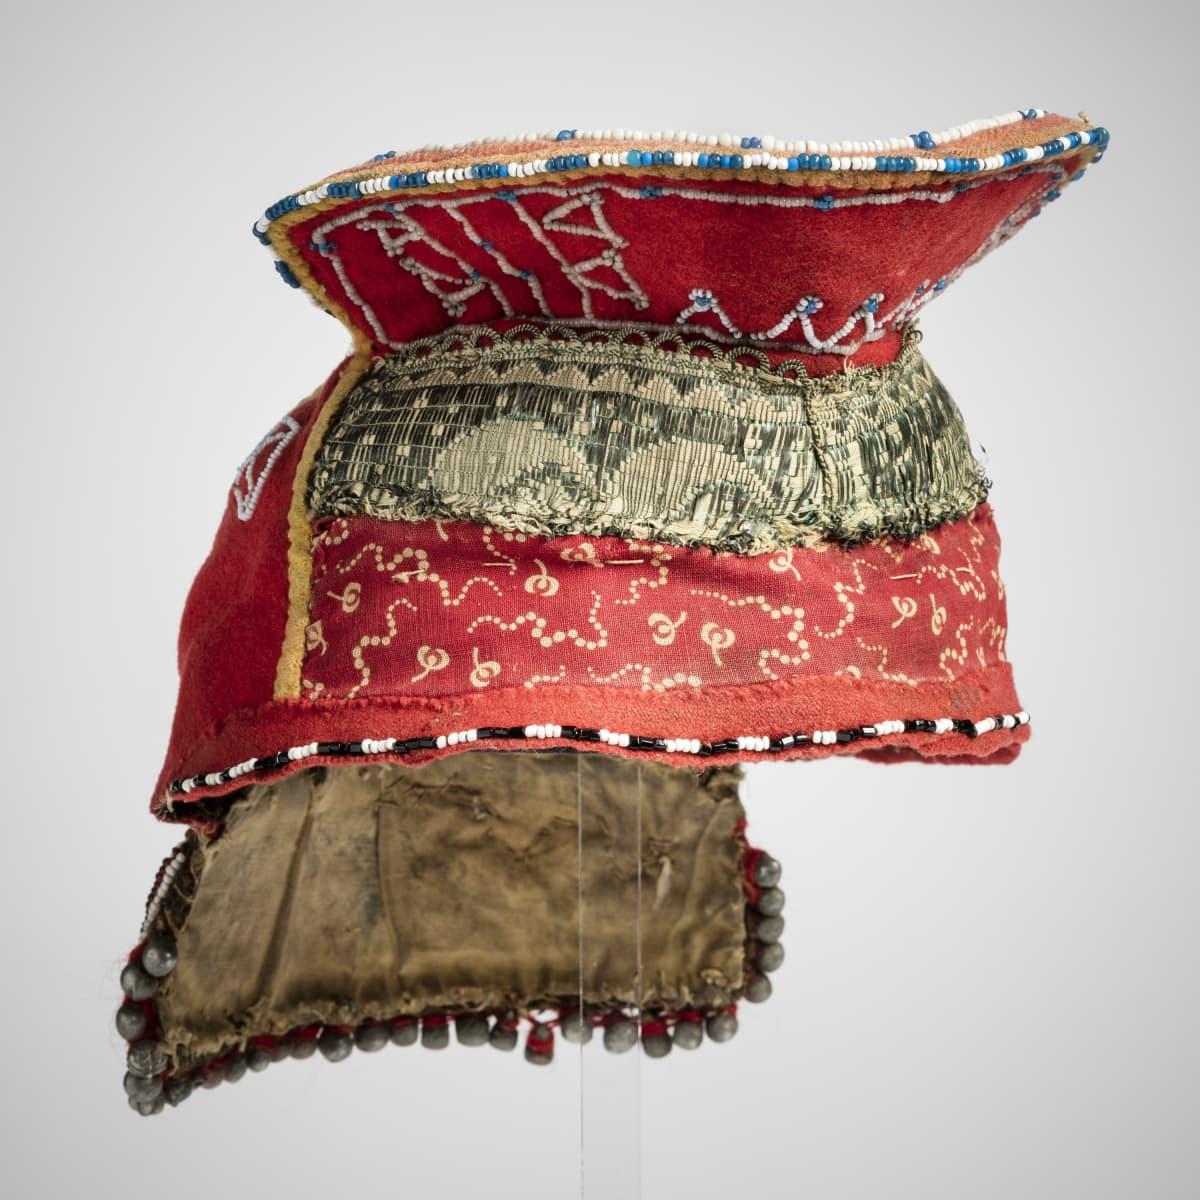 Kolttasaamelainen vaimon päähine T.I. Itkosen 1912 keräämät esineet. Petsamo, Suonikylä, Puldshekjaur. Saatu Kiurel Moshnikovin vaimolta.